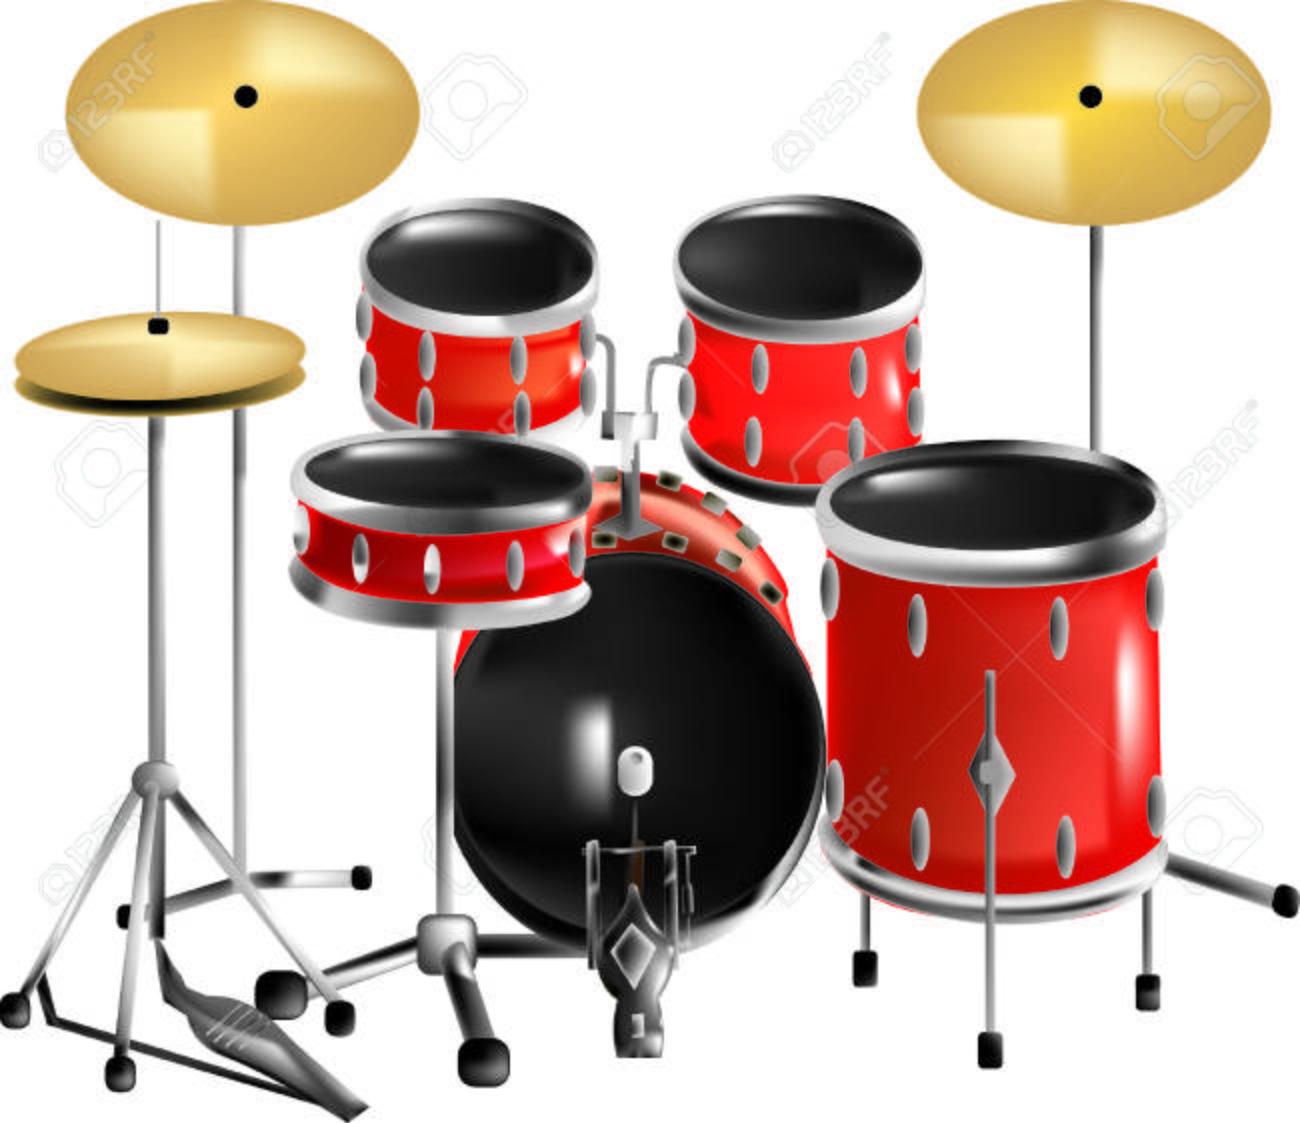 Drum Set Clipart Drum Kit Drums Set